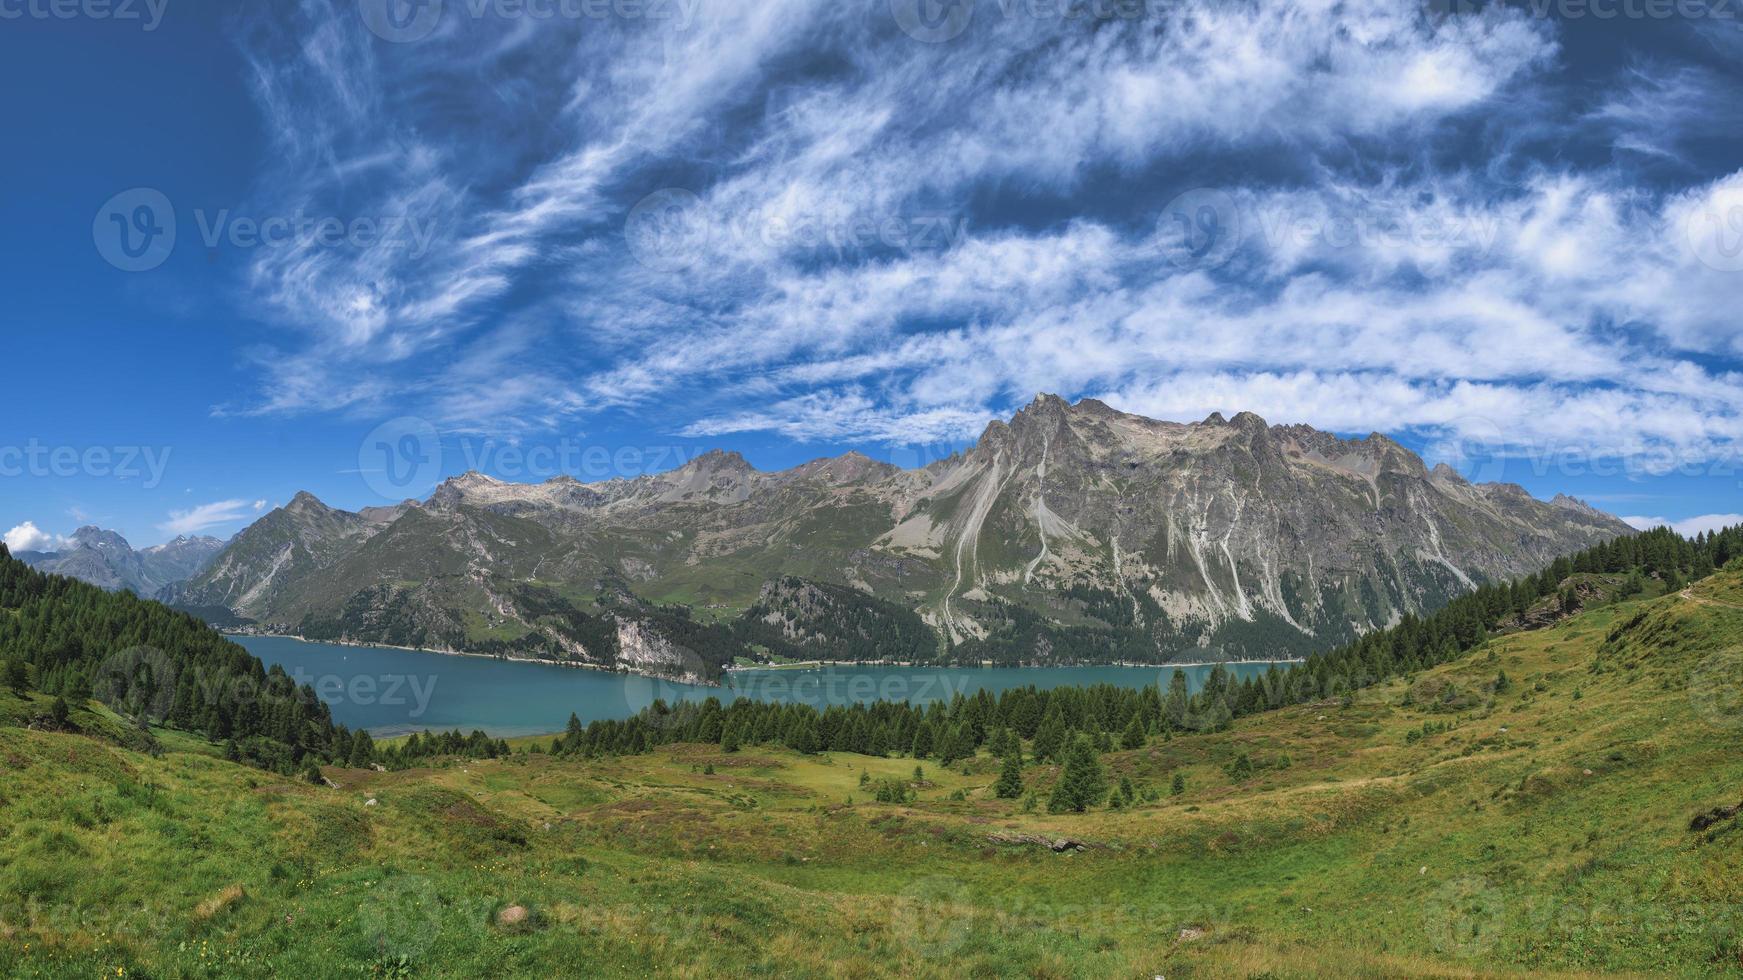 paisaje del valle de la engadina en los alpes suizos foto